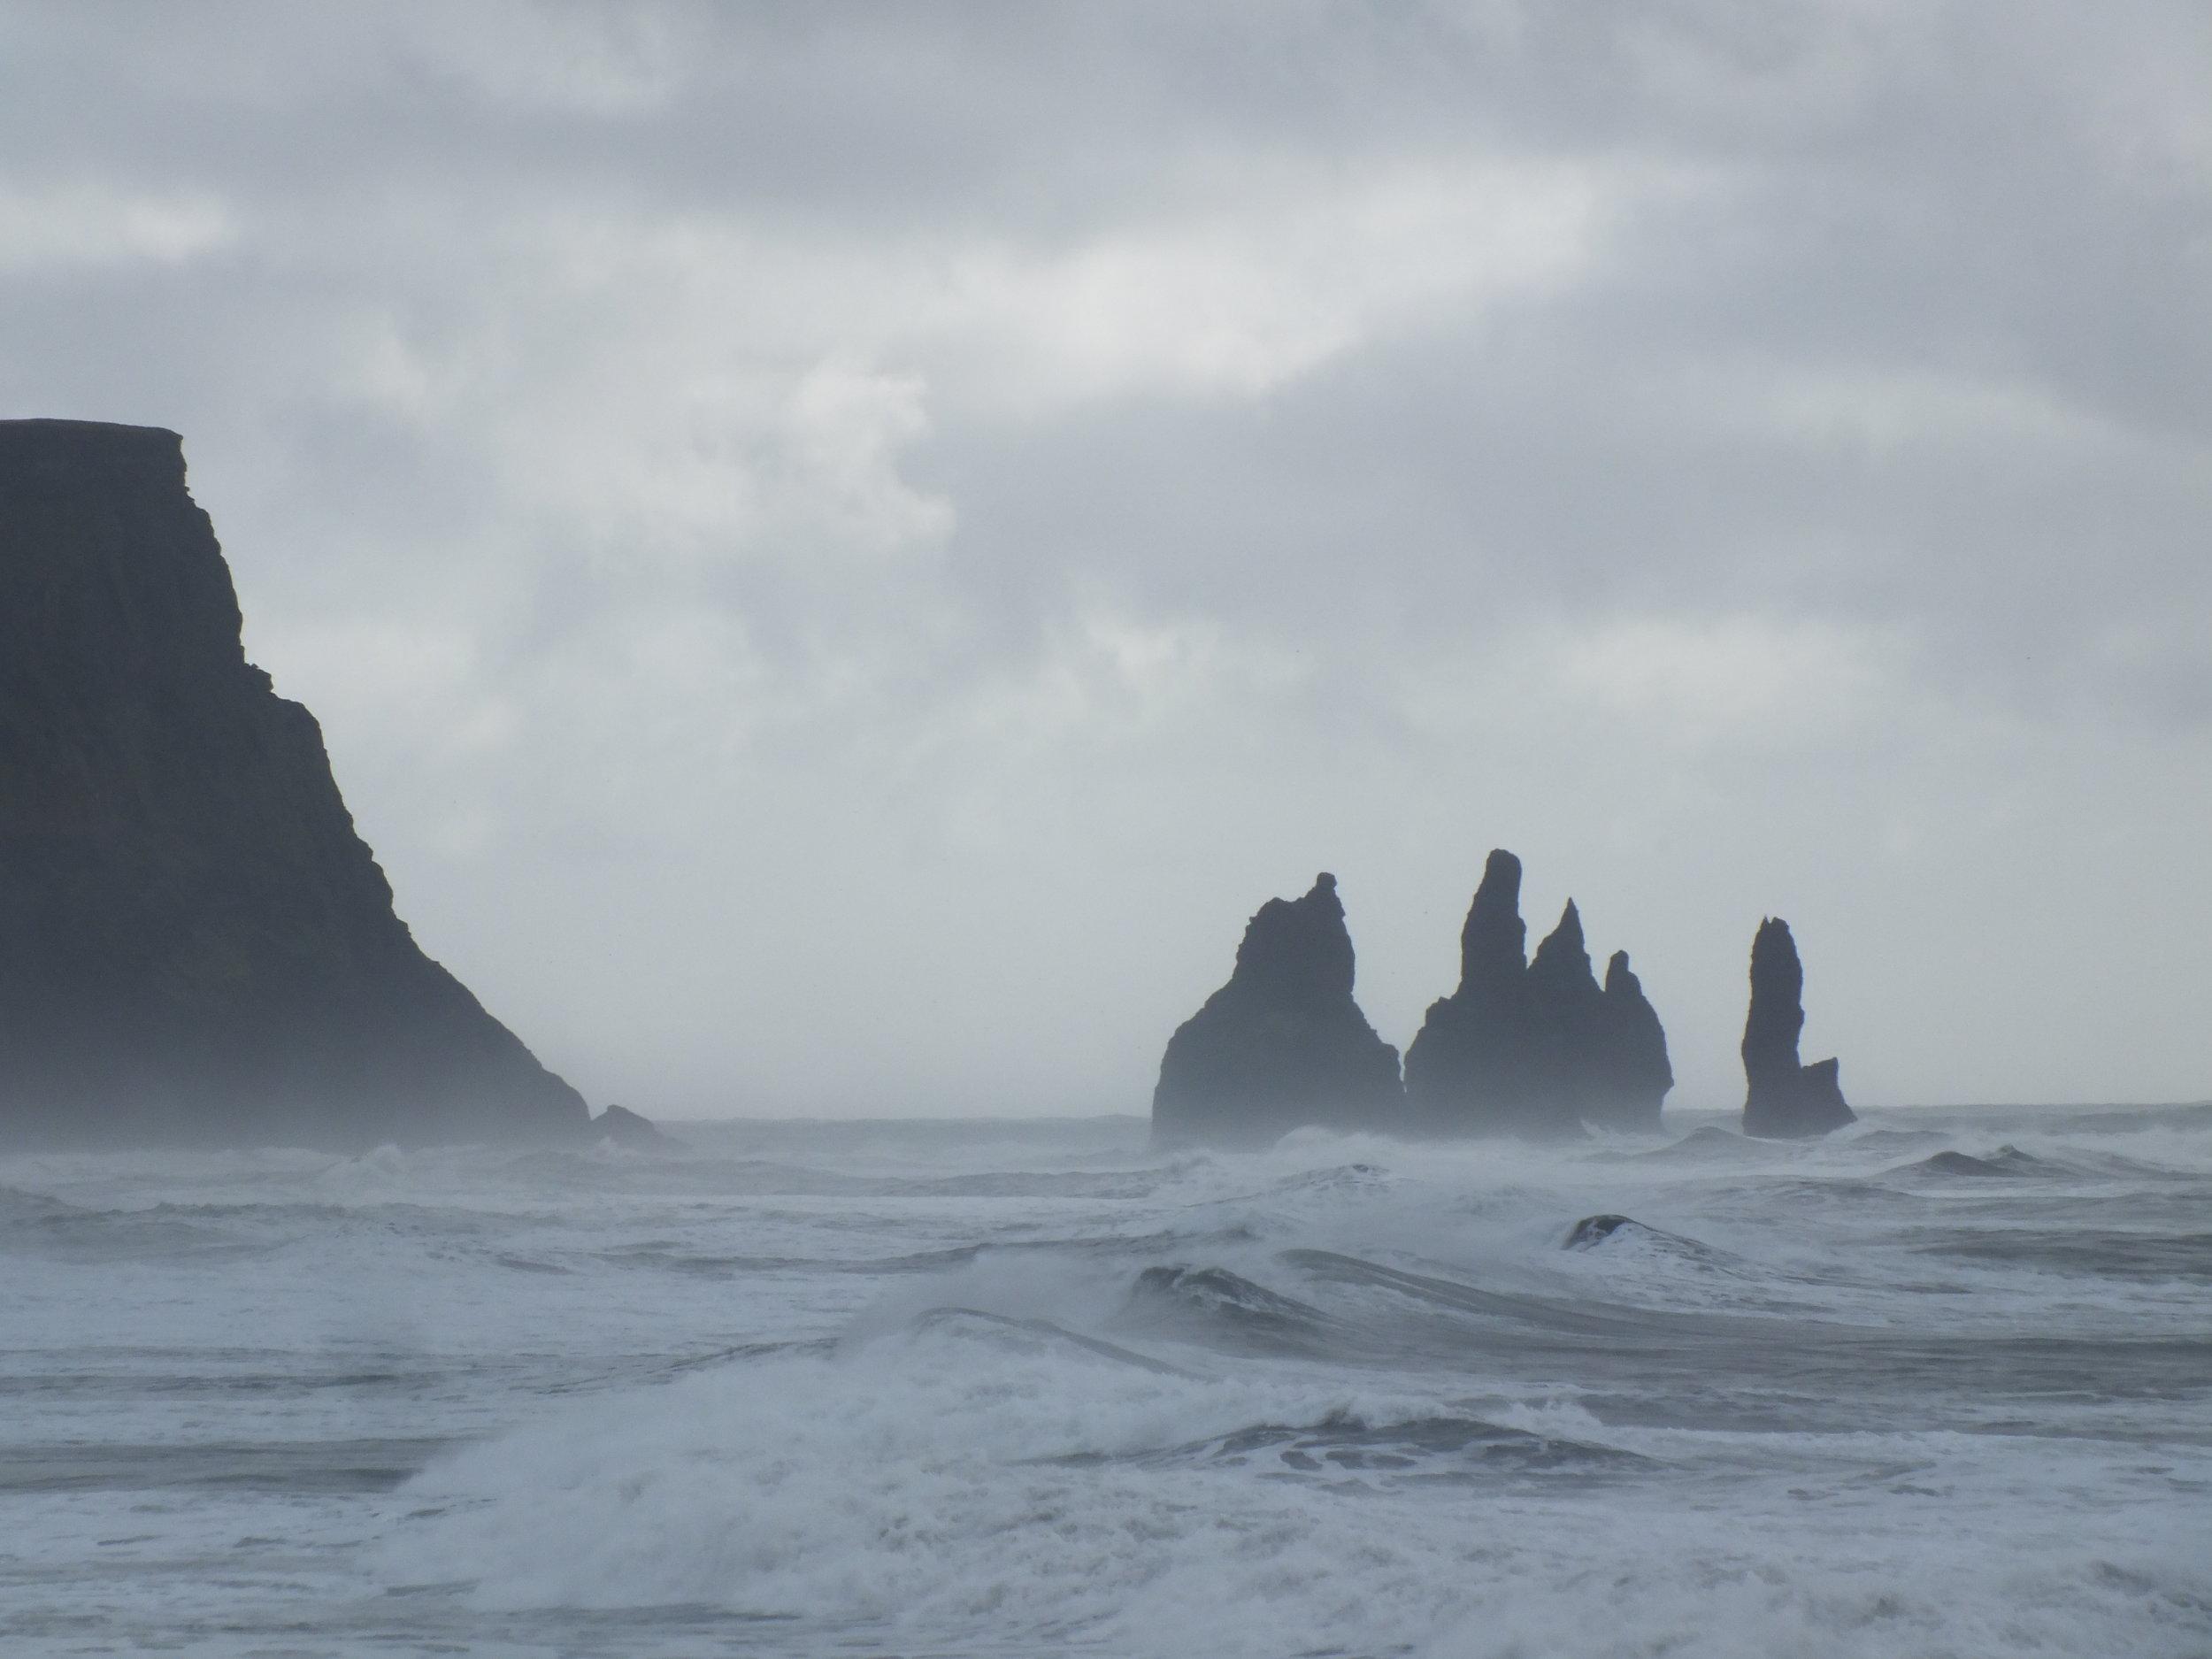 Reynisdrangur basalt sea stacks